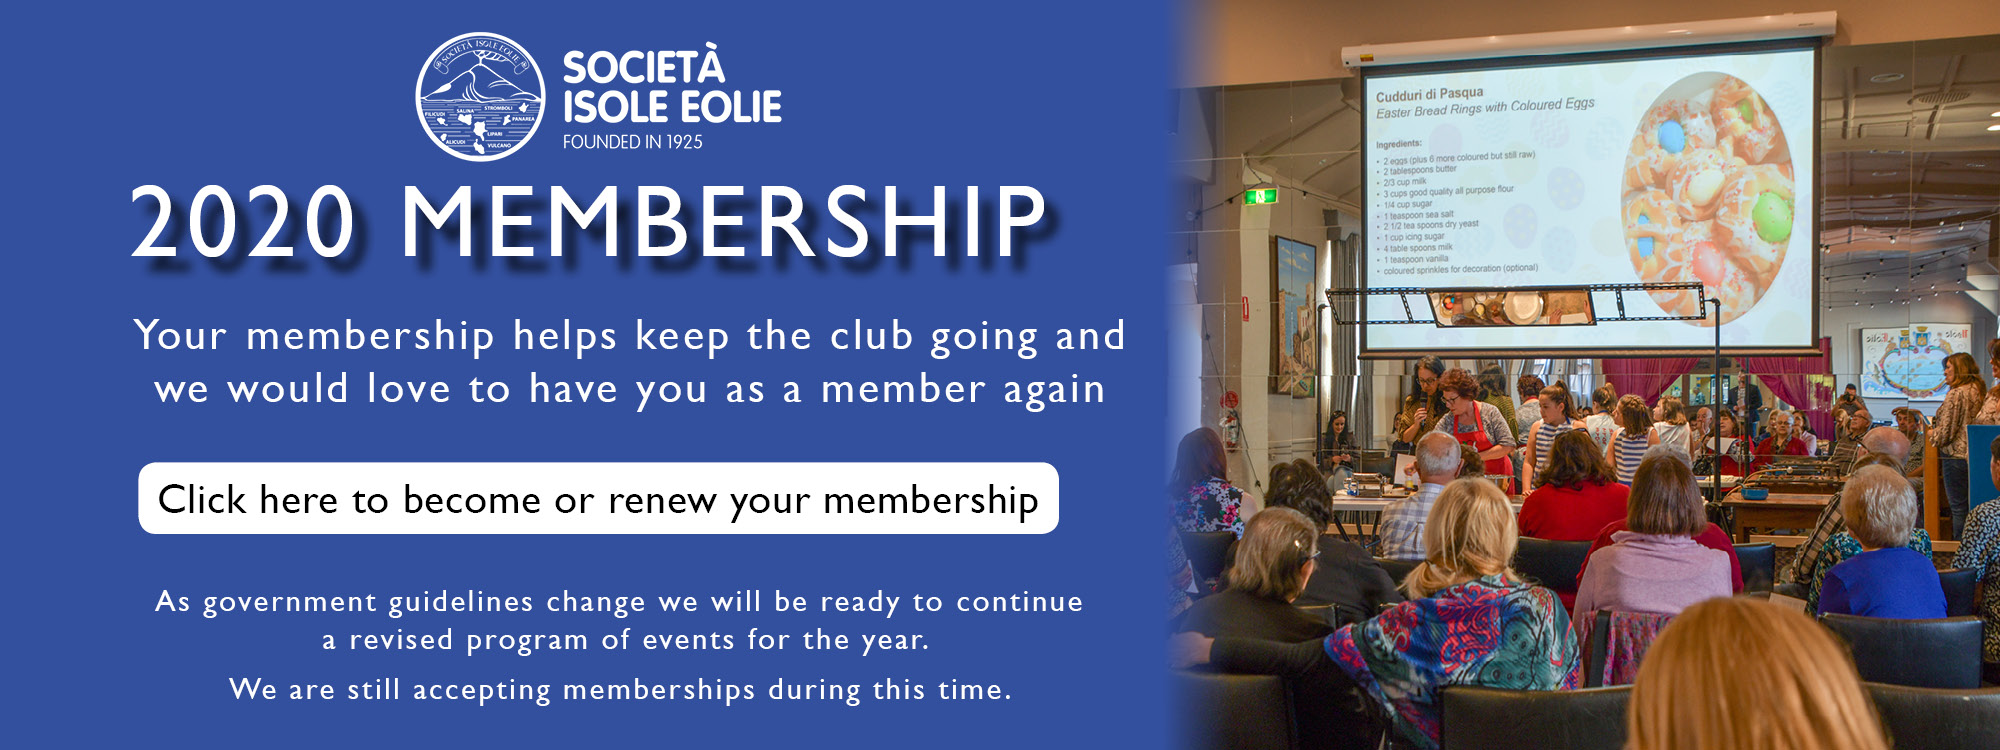 SIE Membership